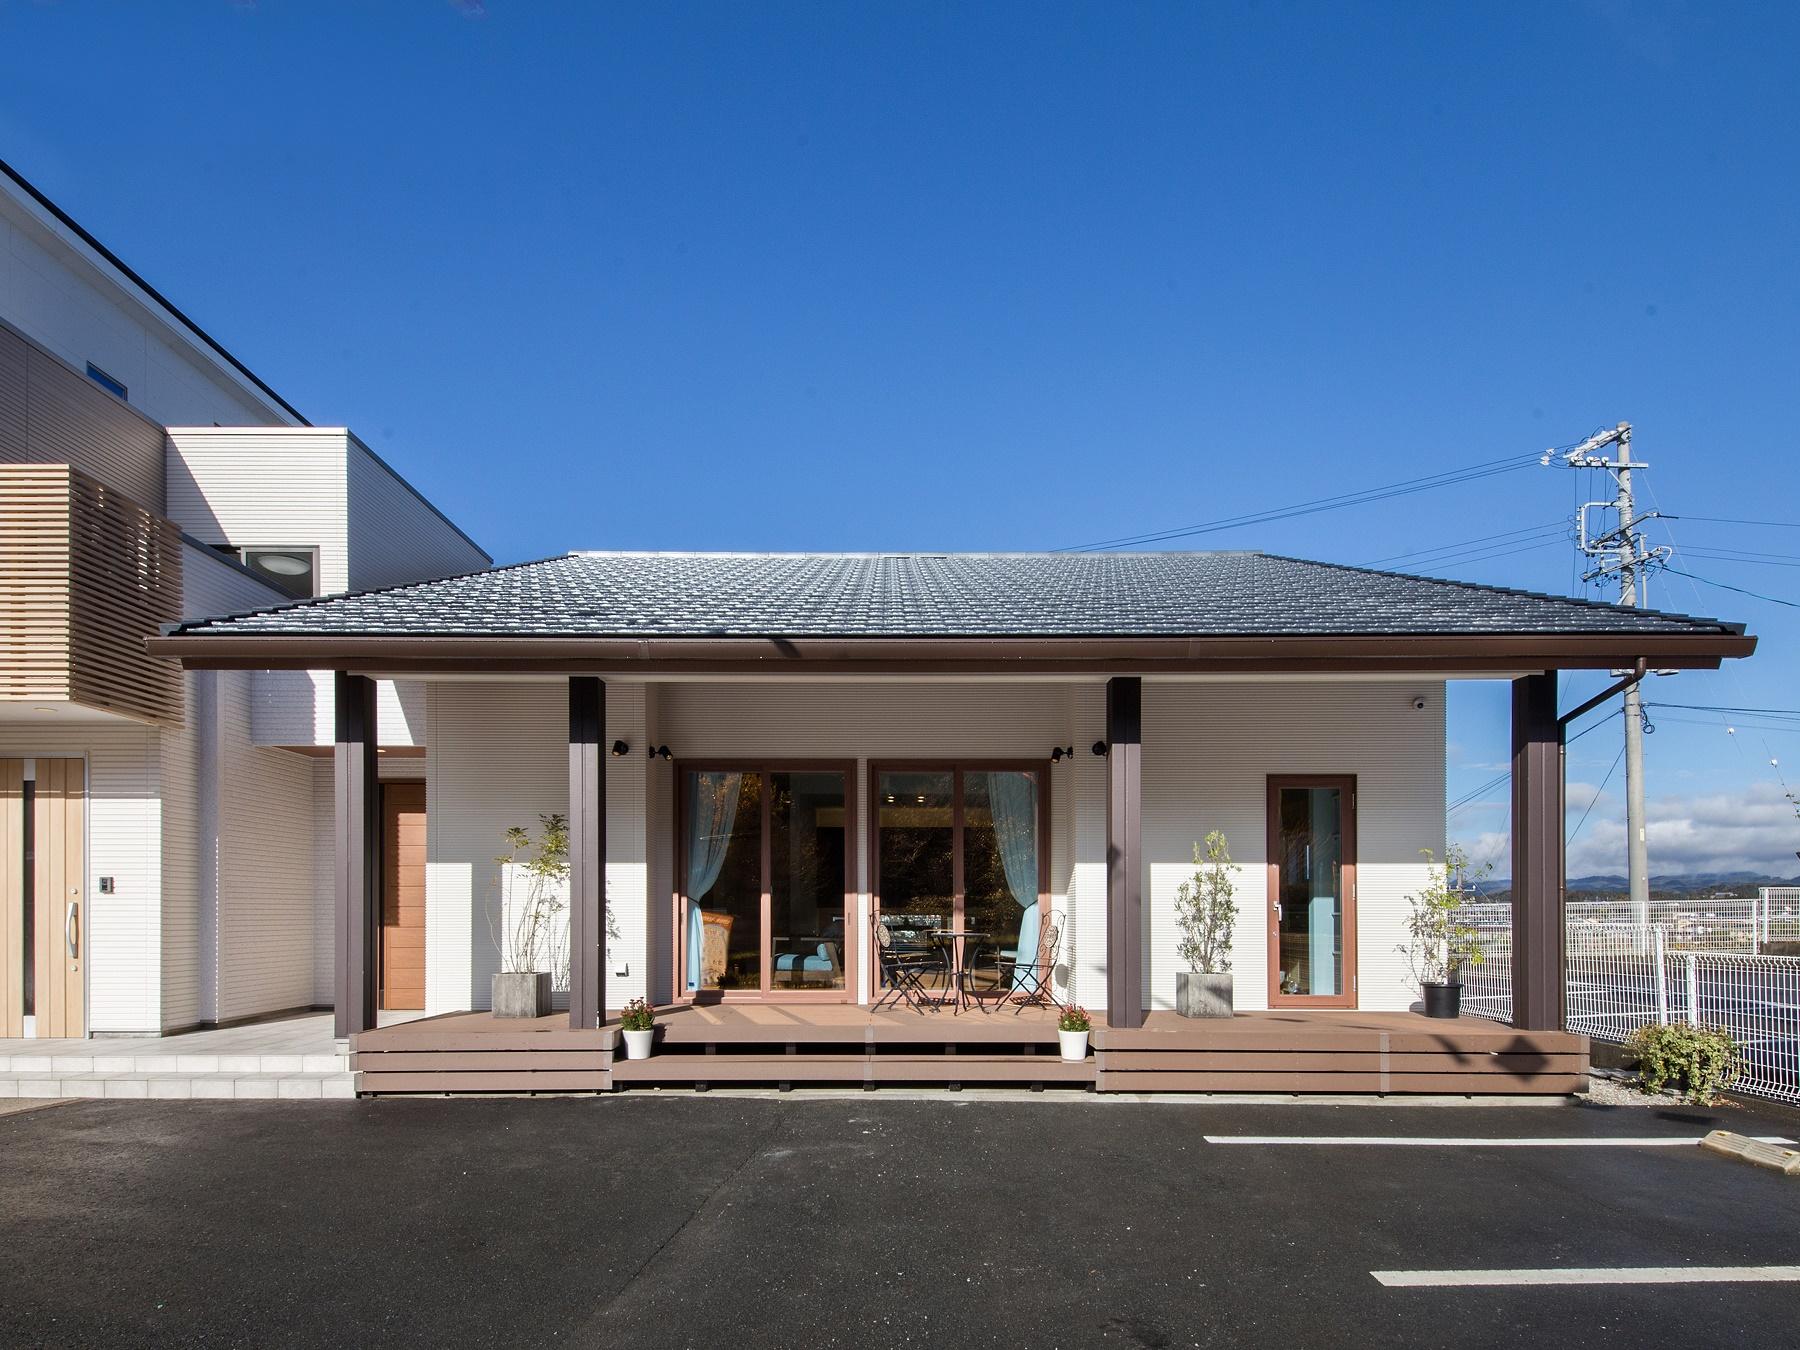 片流れの屋根とフラッ卜ルーフの組合せが印象的なルピオスと高級感と落ち着きを演出する平屋になります。